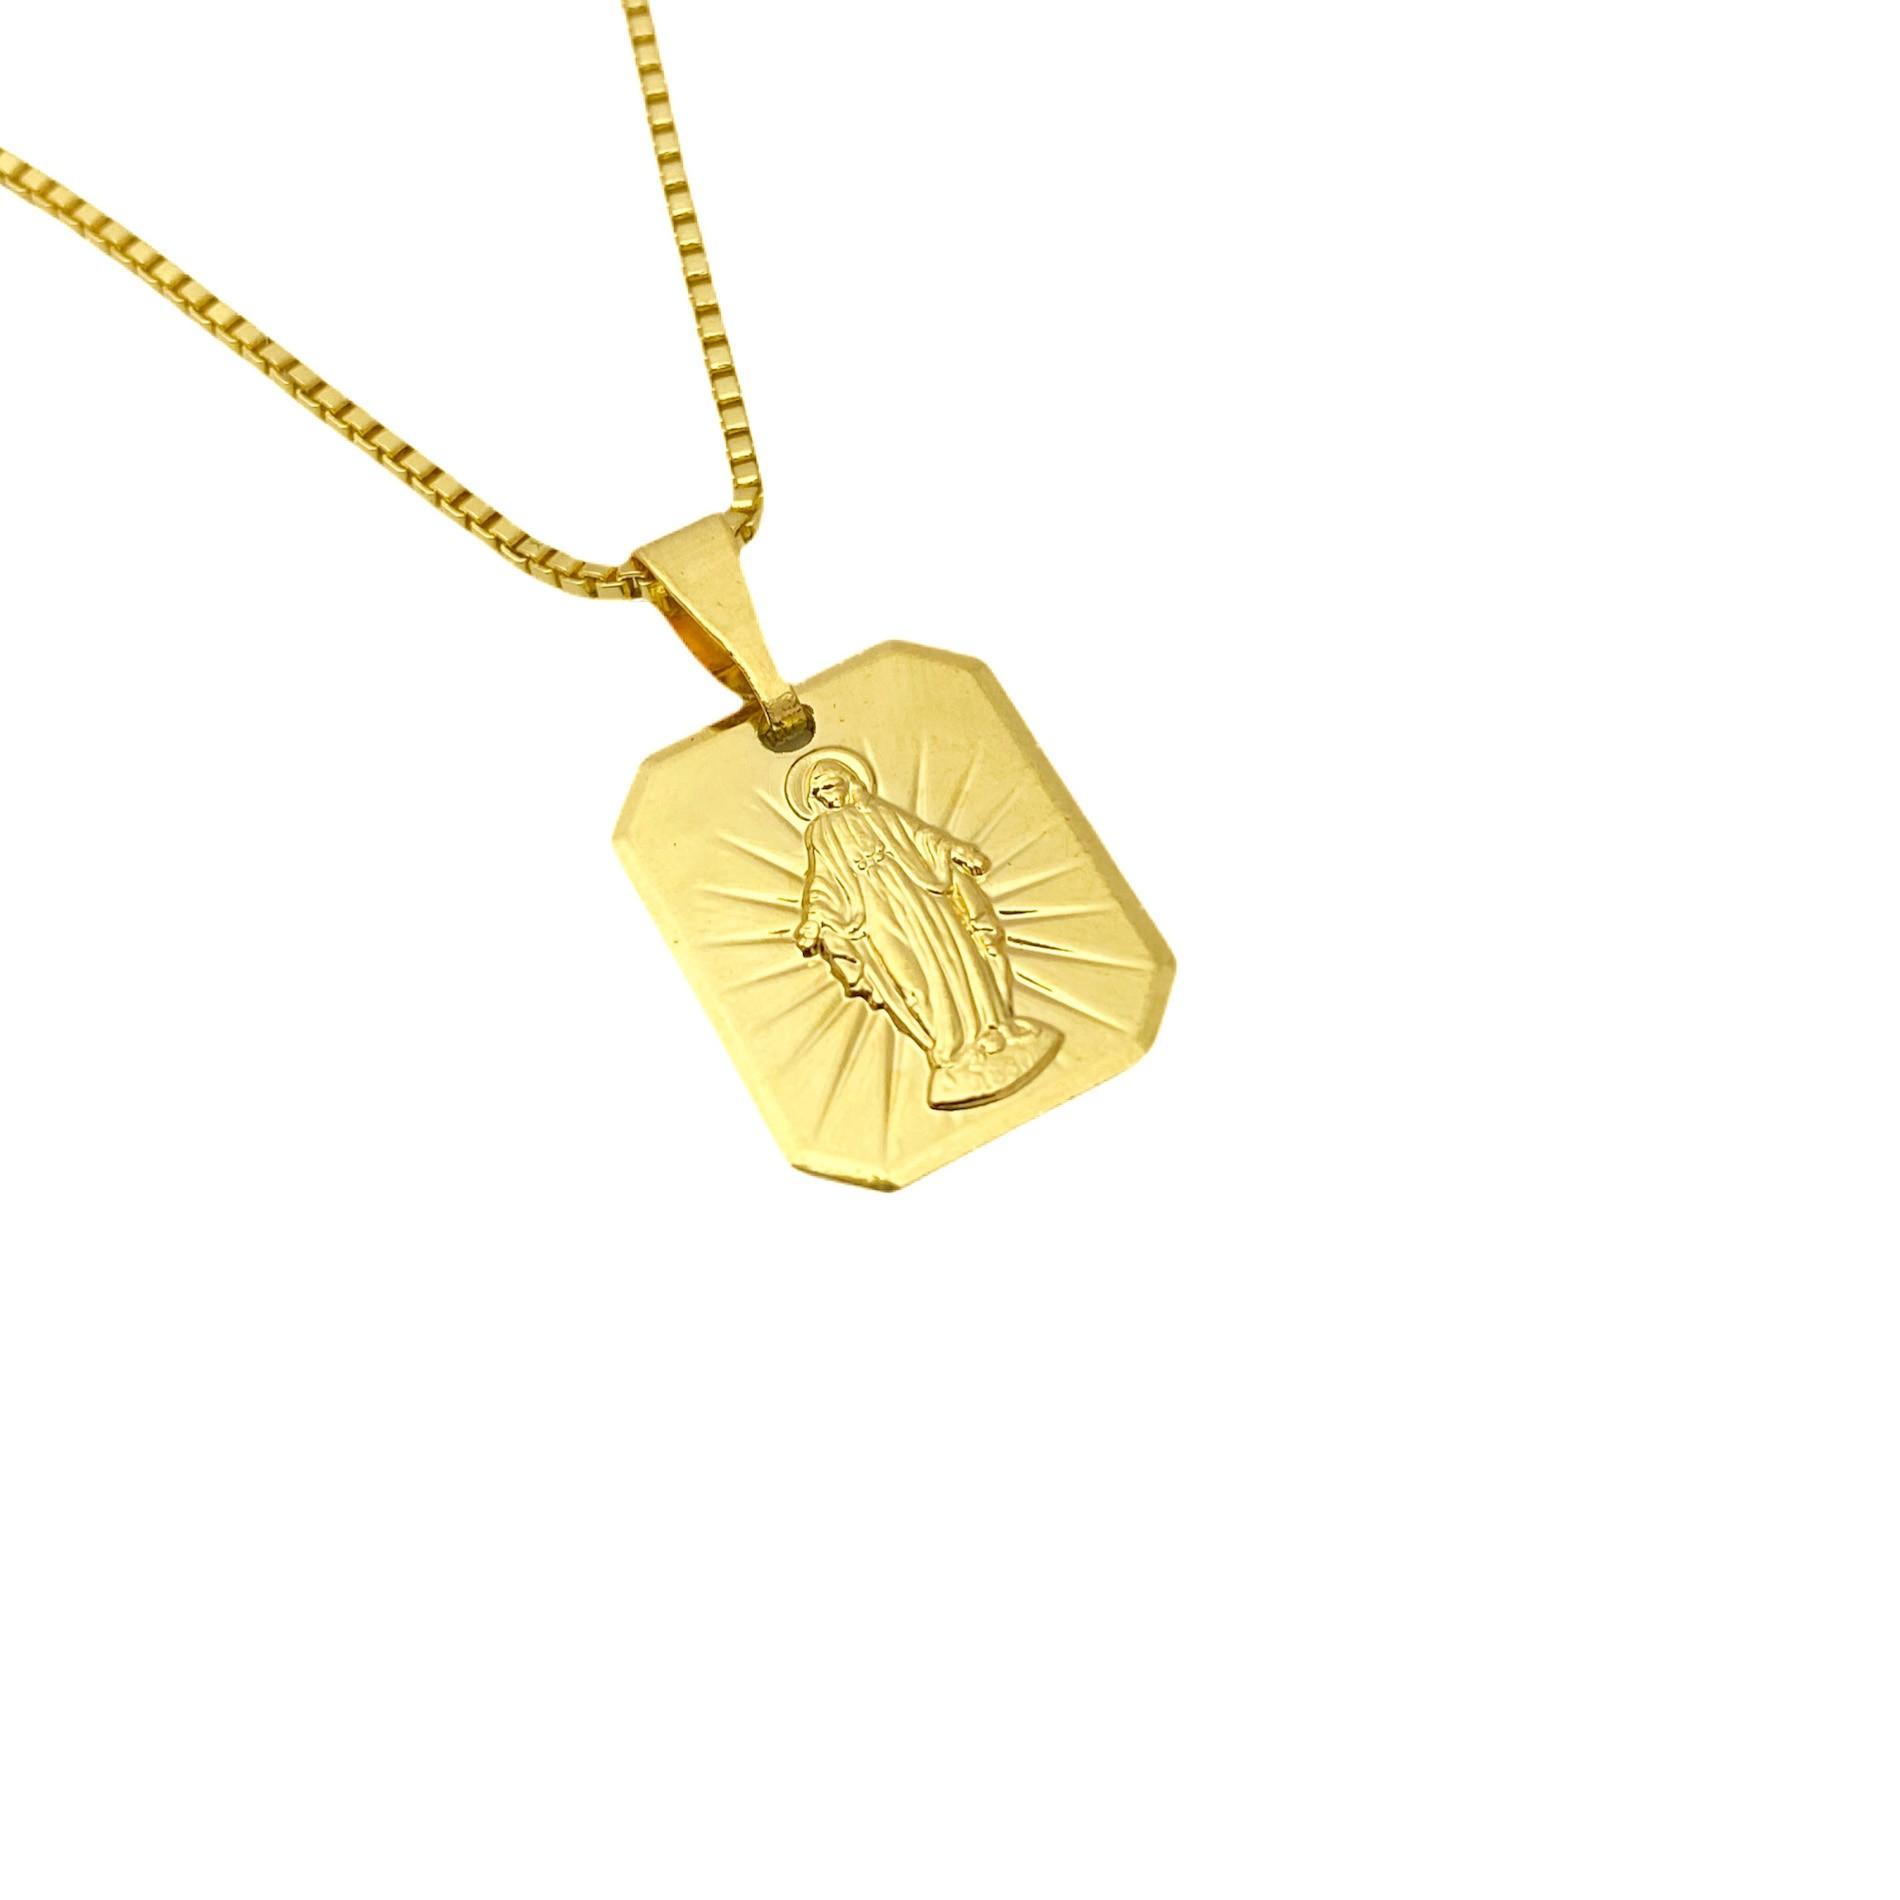 Pingente Placa Nossa Senhora Mini (1,7cmX1,4cm) (Banho Ouro 24k)